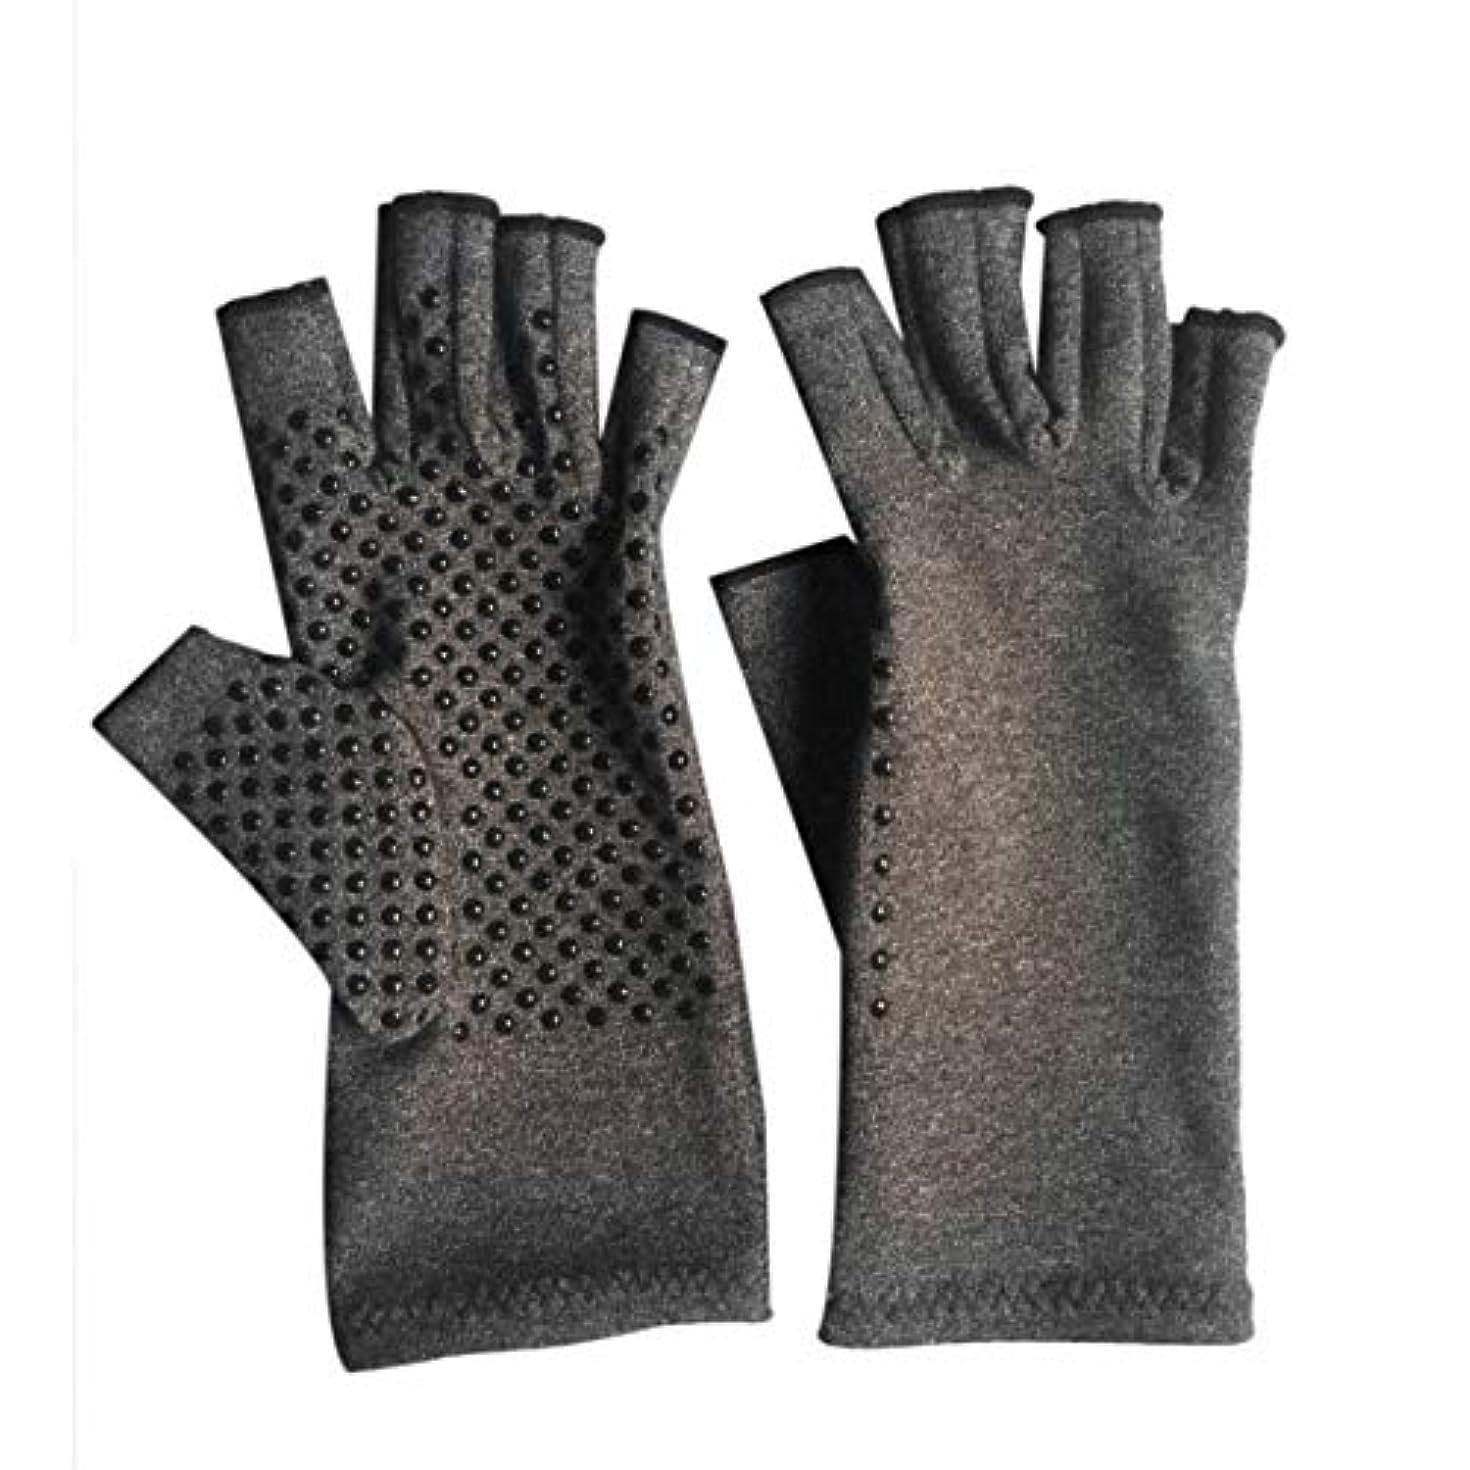 コメンテーターフェードことわざ1ペアユニセックス男性女性療法圧縮手袋関節炎関節痛緩和ヘルスケア半指手袋トレーニング手袋 - グレーM